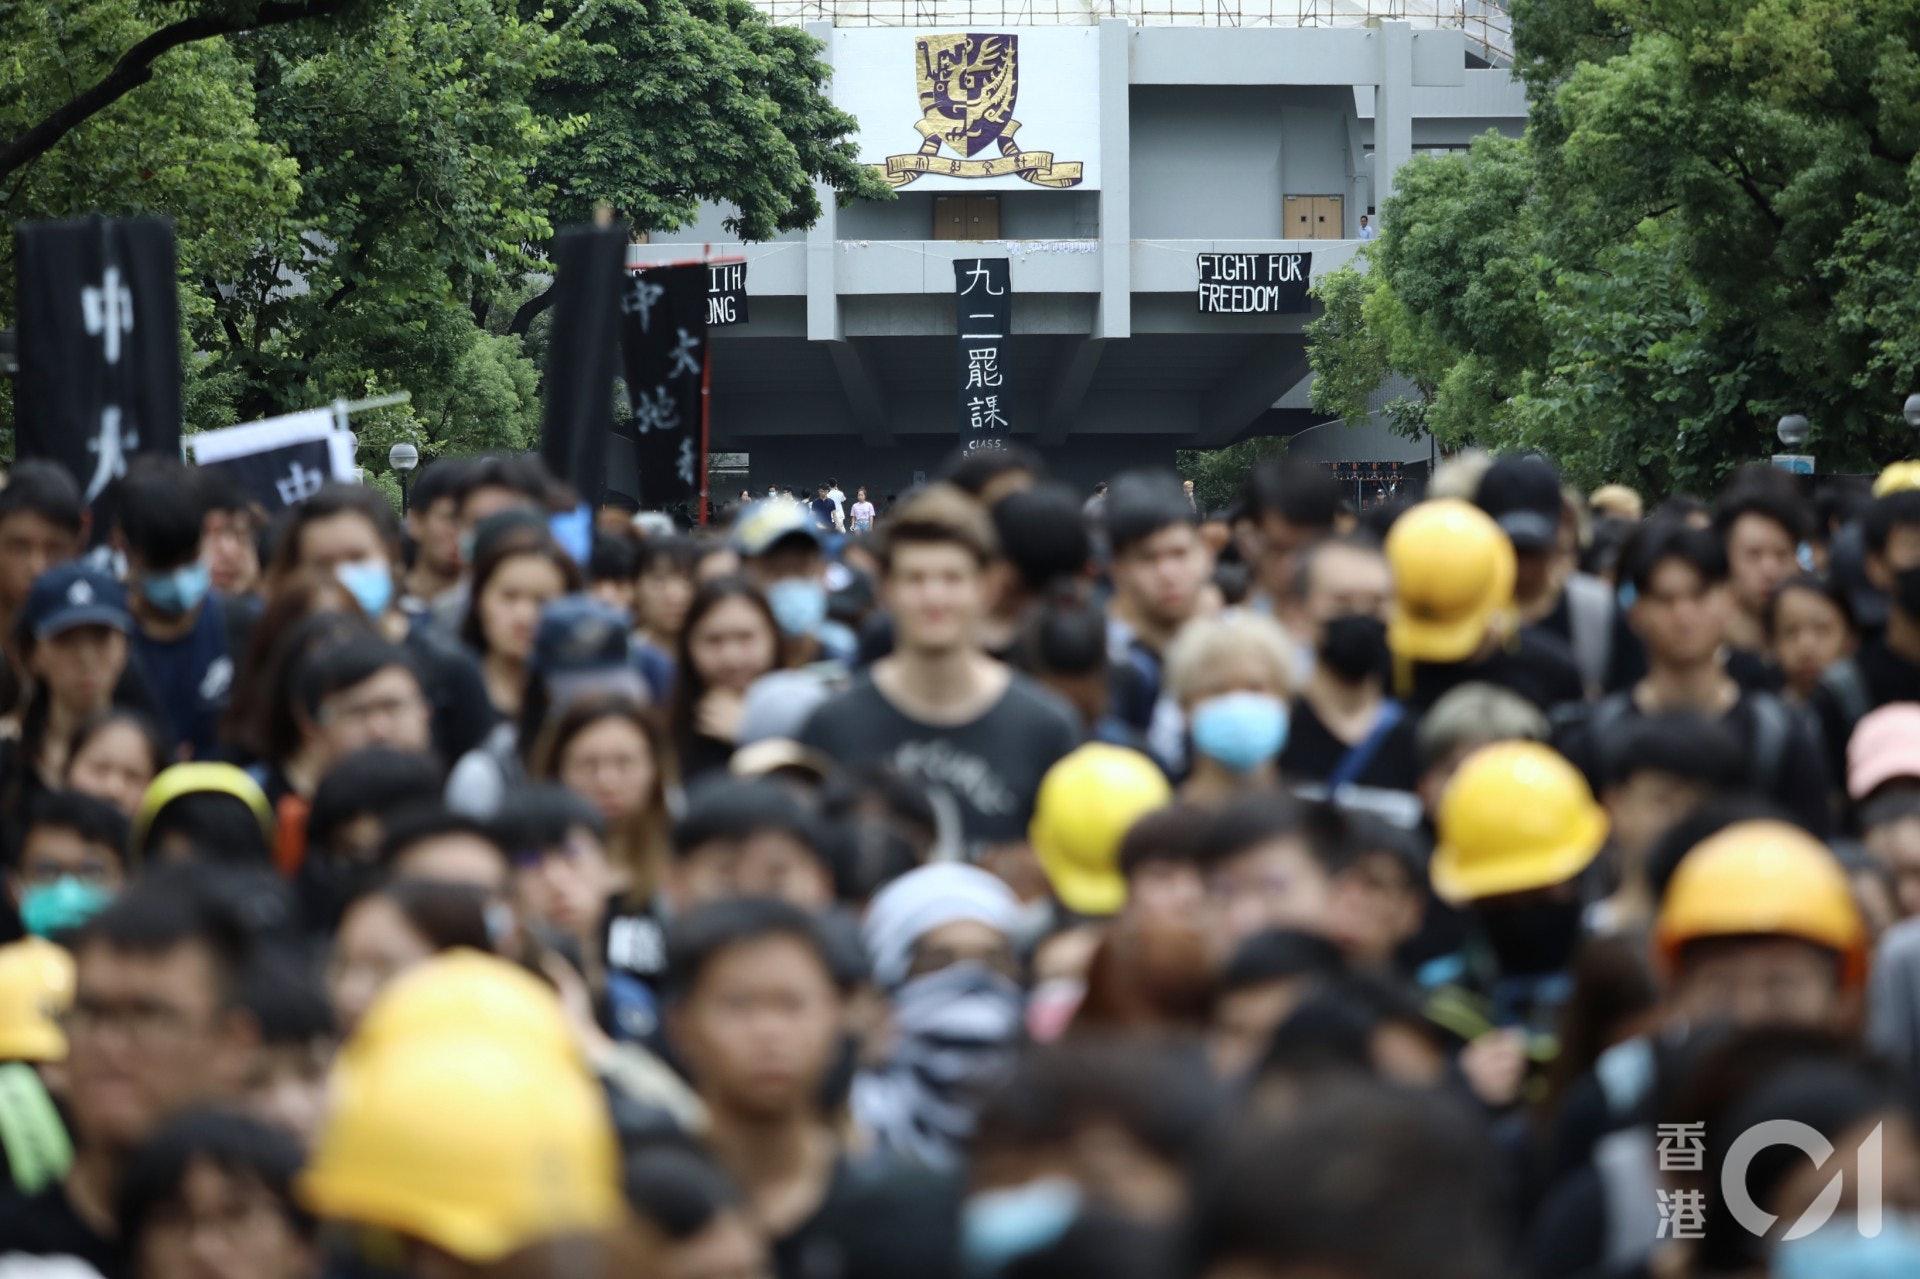 大專院校學生會於9月2日起發起學界大罷課,於中大百萬大道舉行罷課集會。(盧翊銘攝)